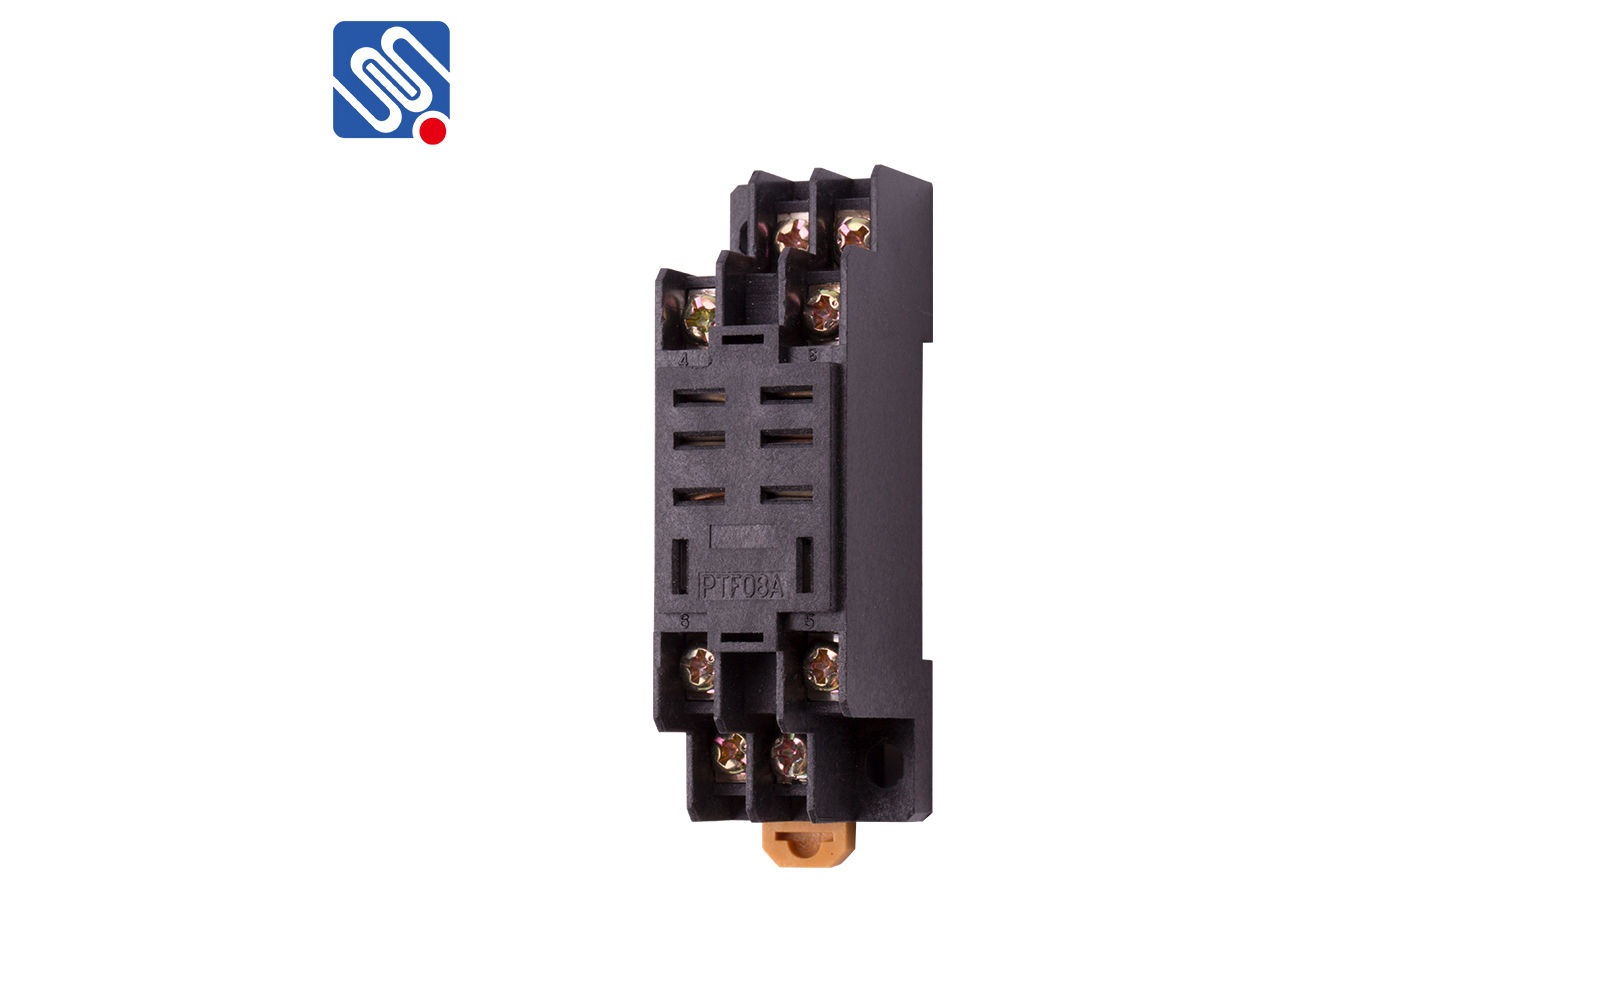 8 Pin Relay Base Diagram  Ptf08a   U2013 Ontium Corp